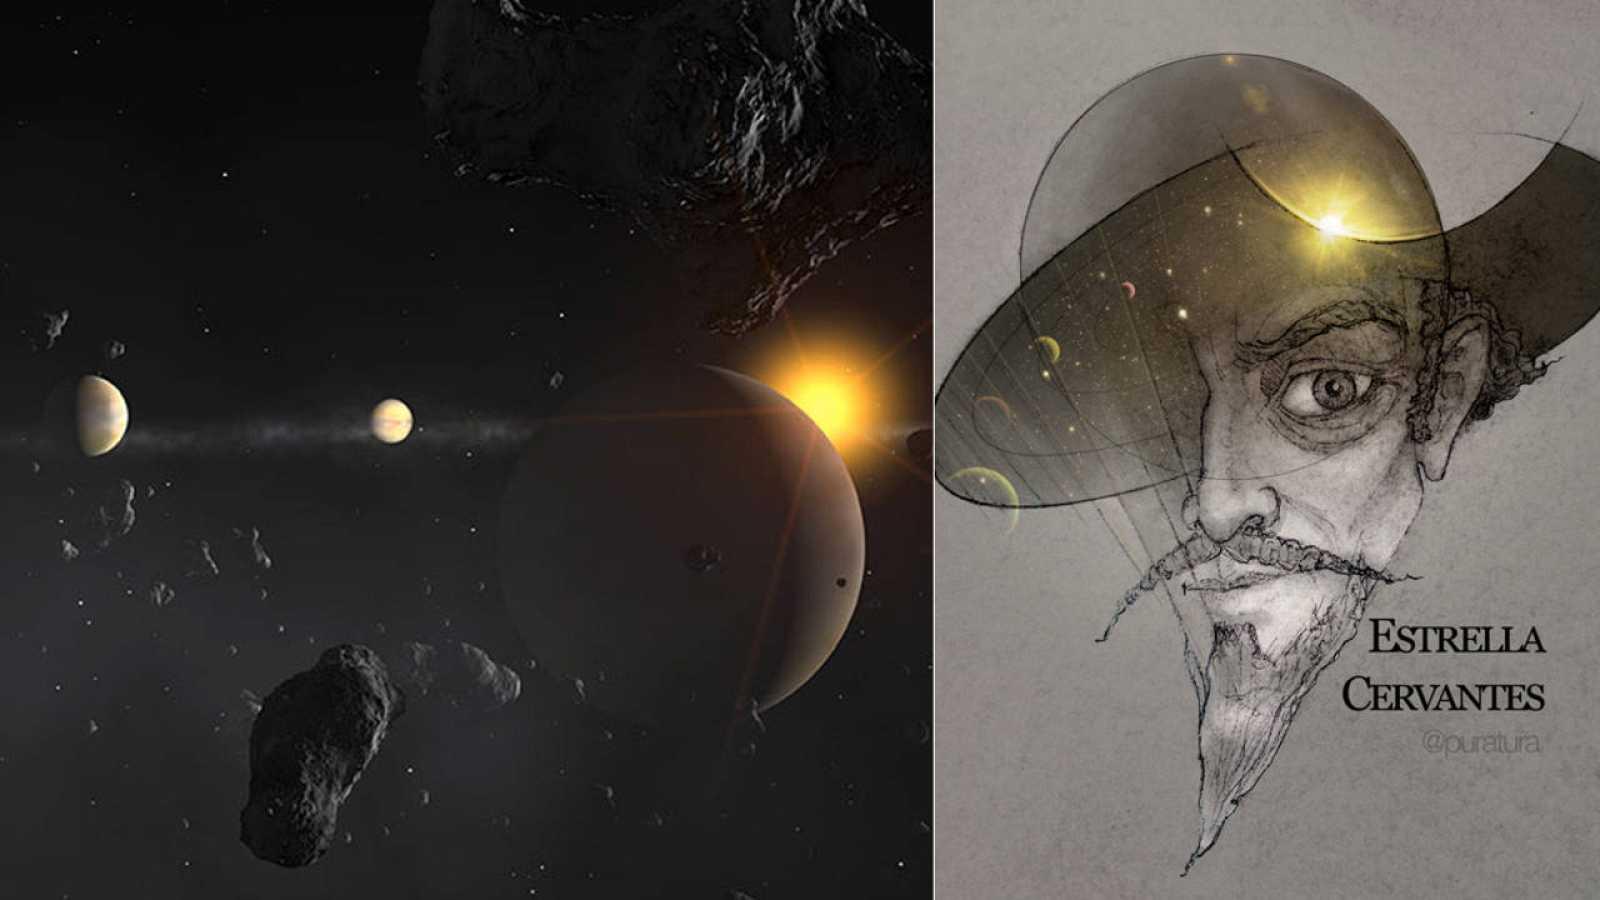 La estrella mu Arae y sus cuatro planetas pronto podrían llamarse Cervantes, Quijote, Rocinante, Sancho y Dulcinea